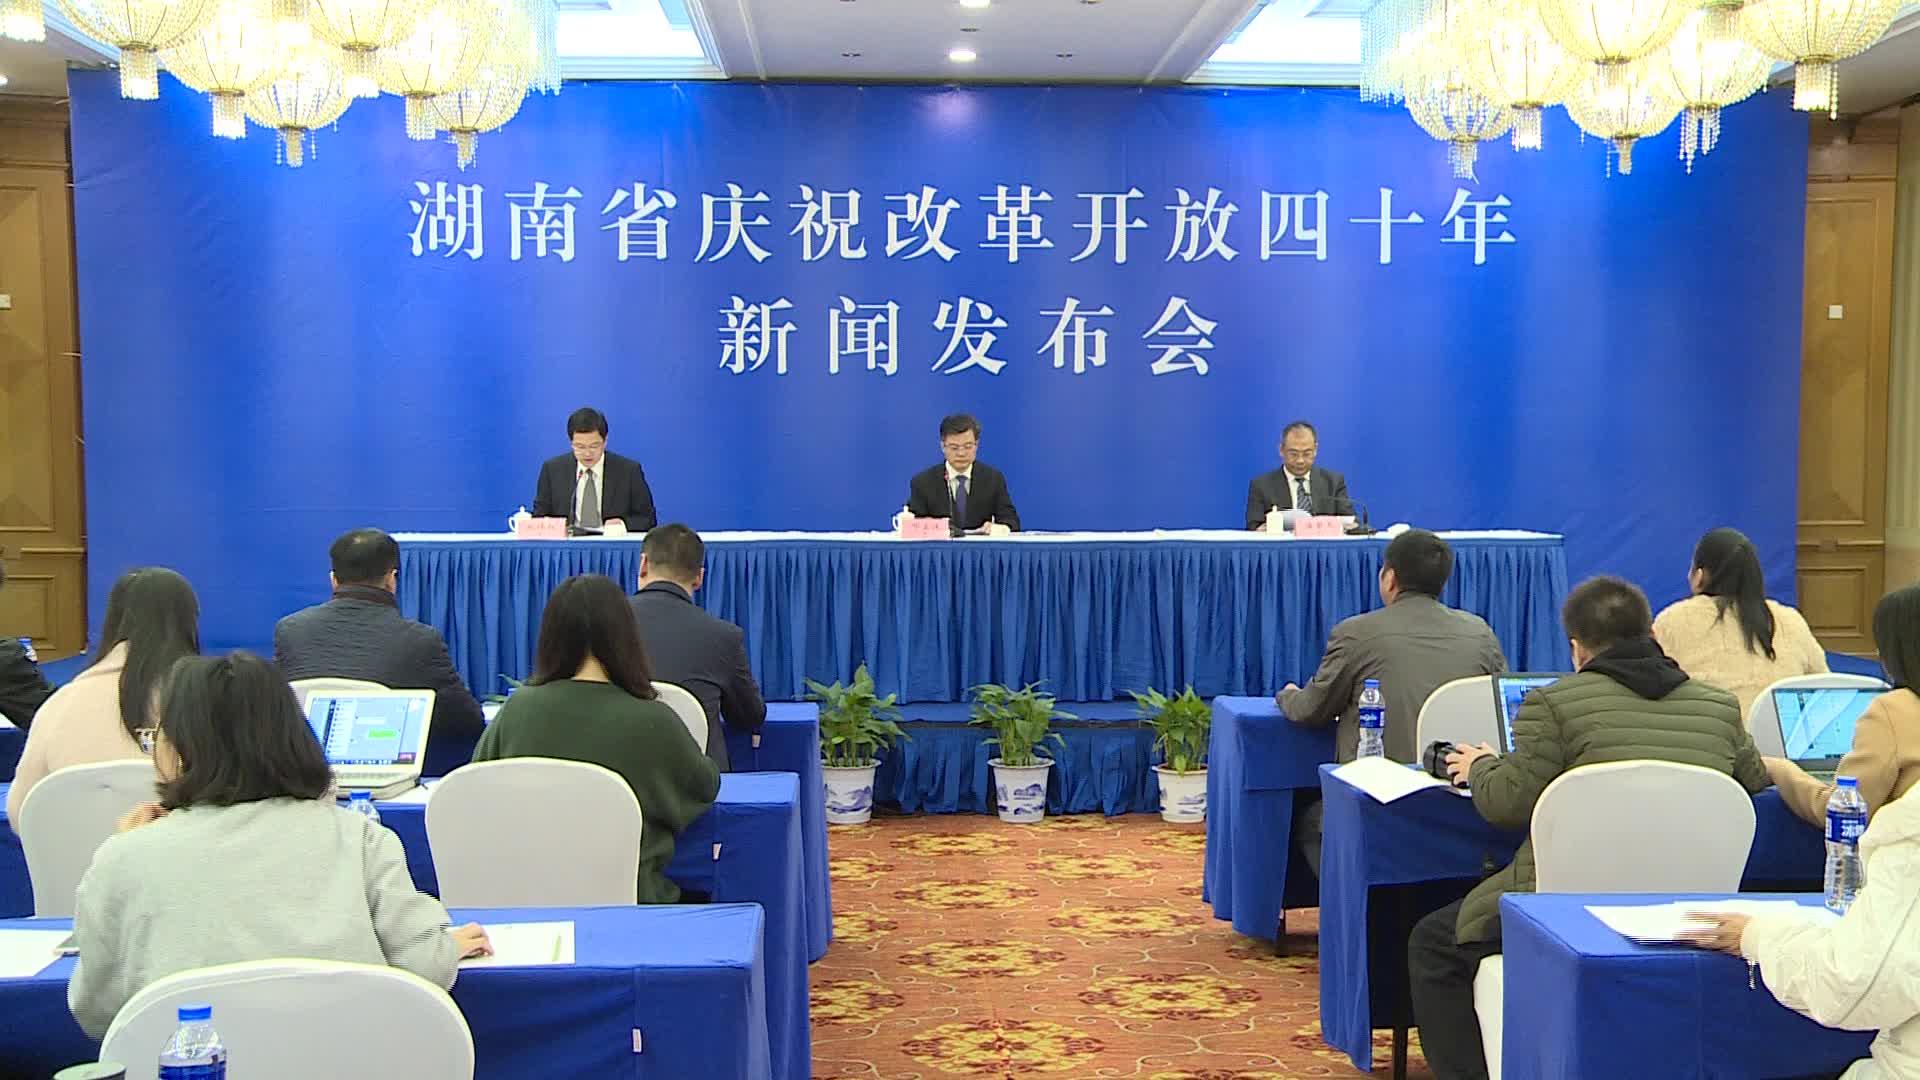 改革开放40年:湖南生态保护与生态建设显成效